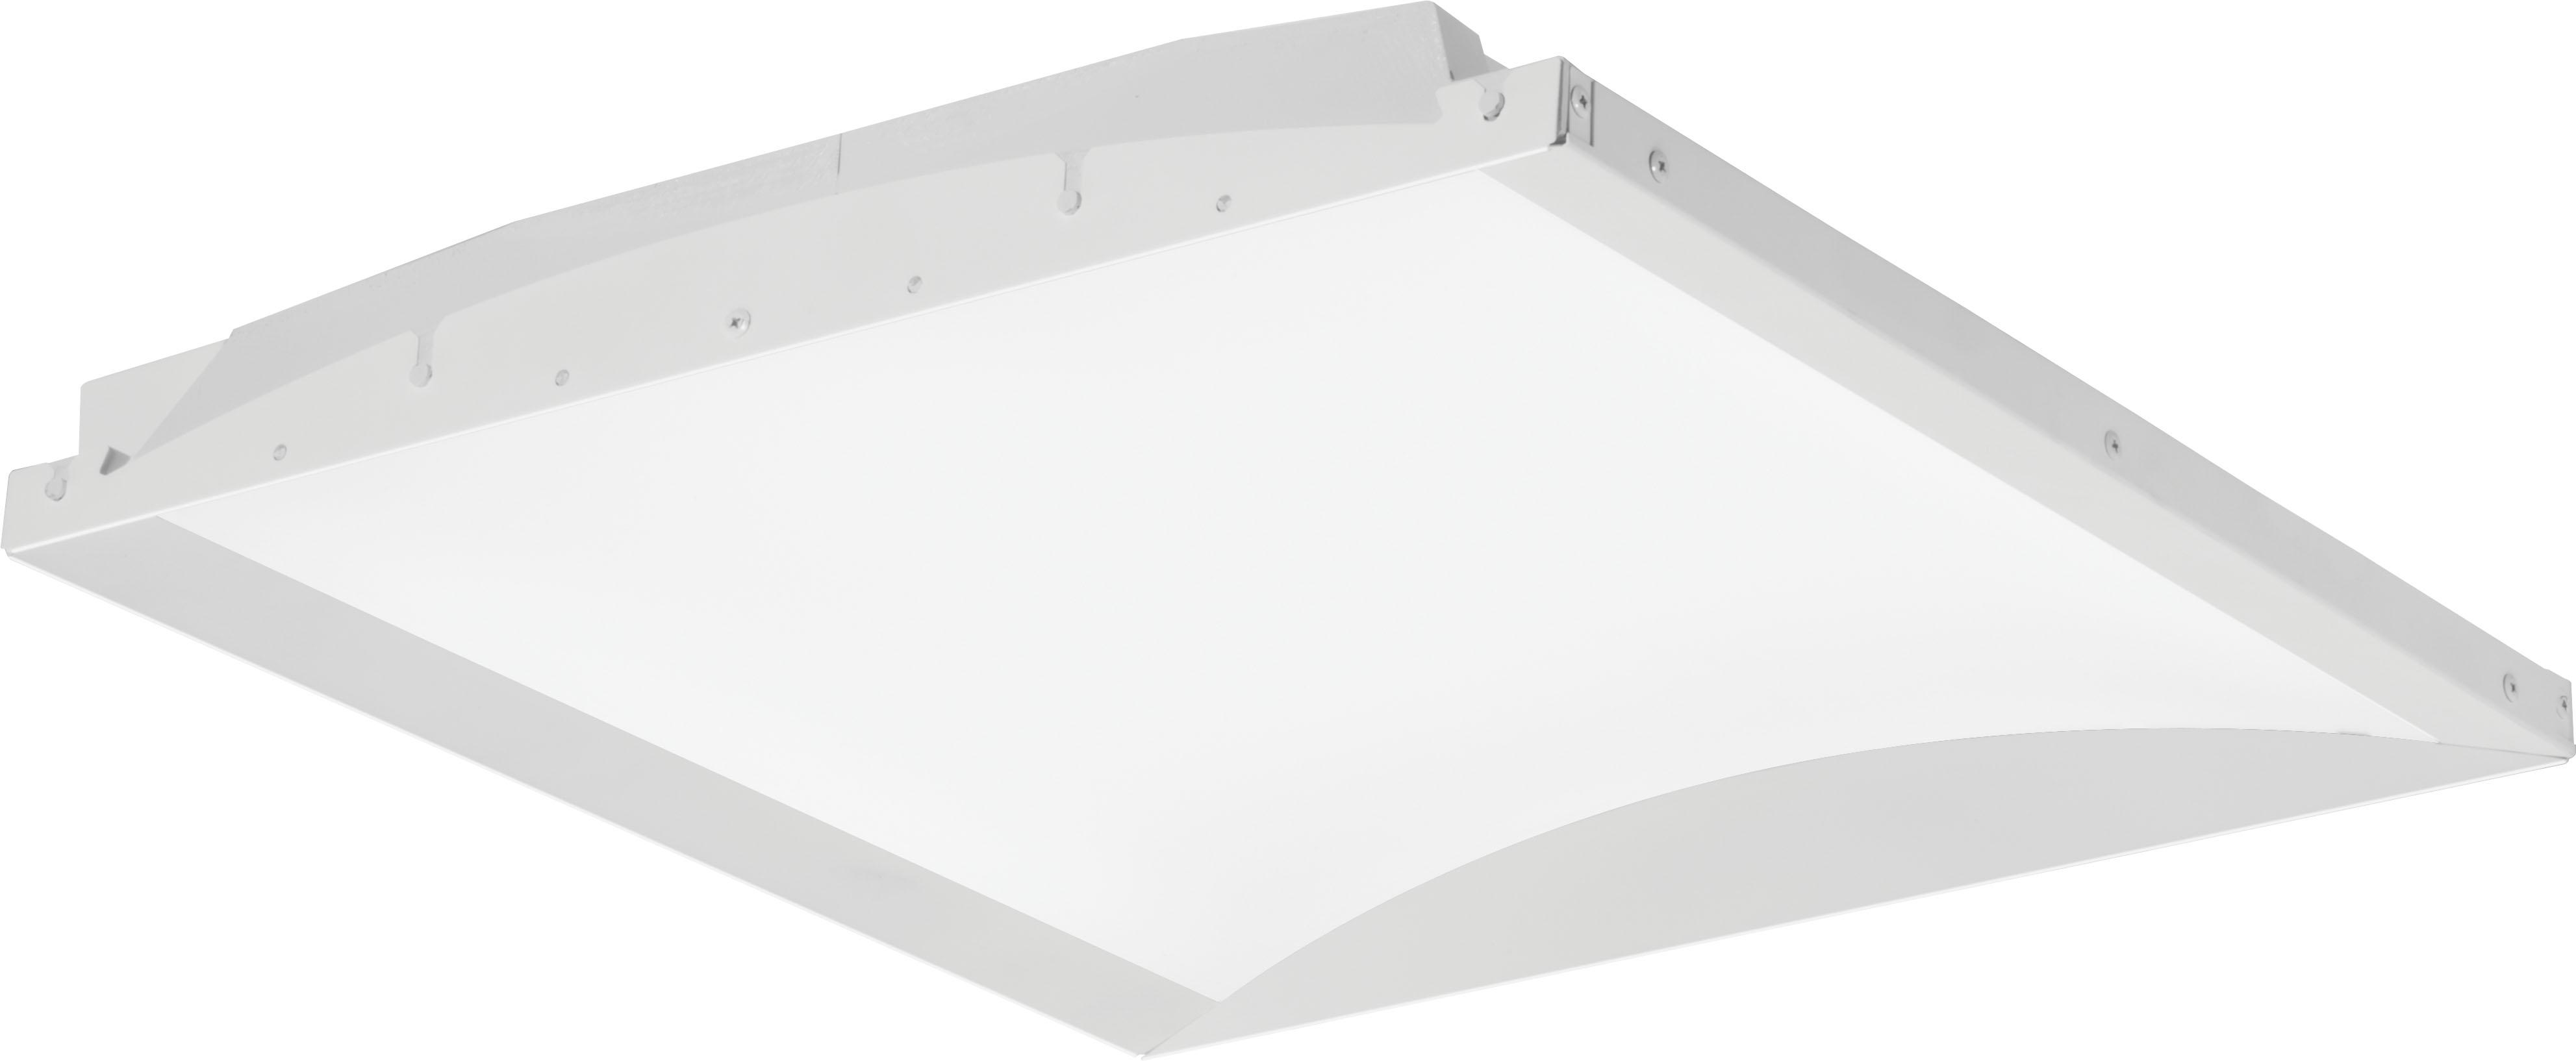 ENVEX 2X2 HRG_Illuminated